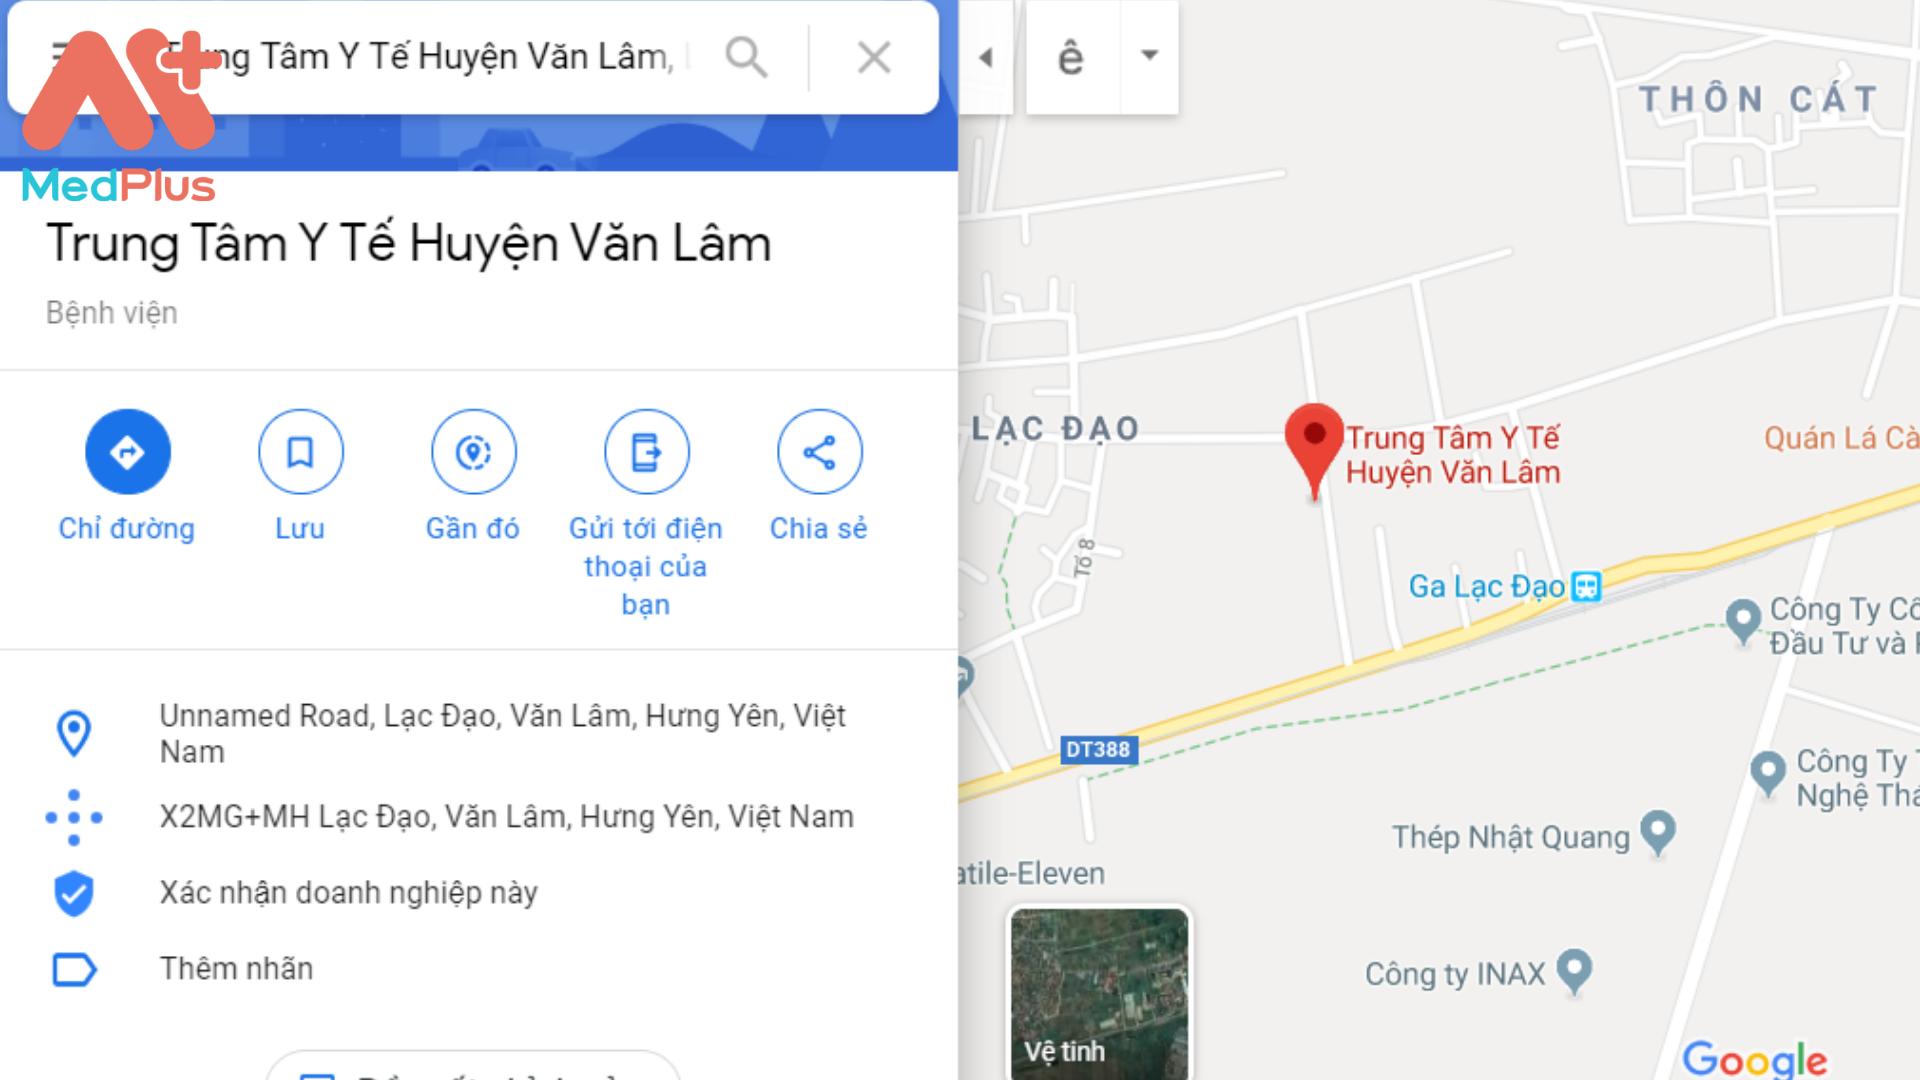 Địa chỉ bệnh viện huyện Văn Lâm